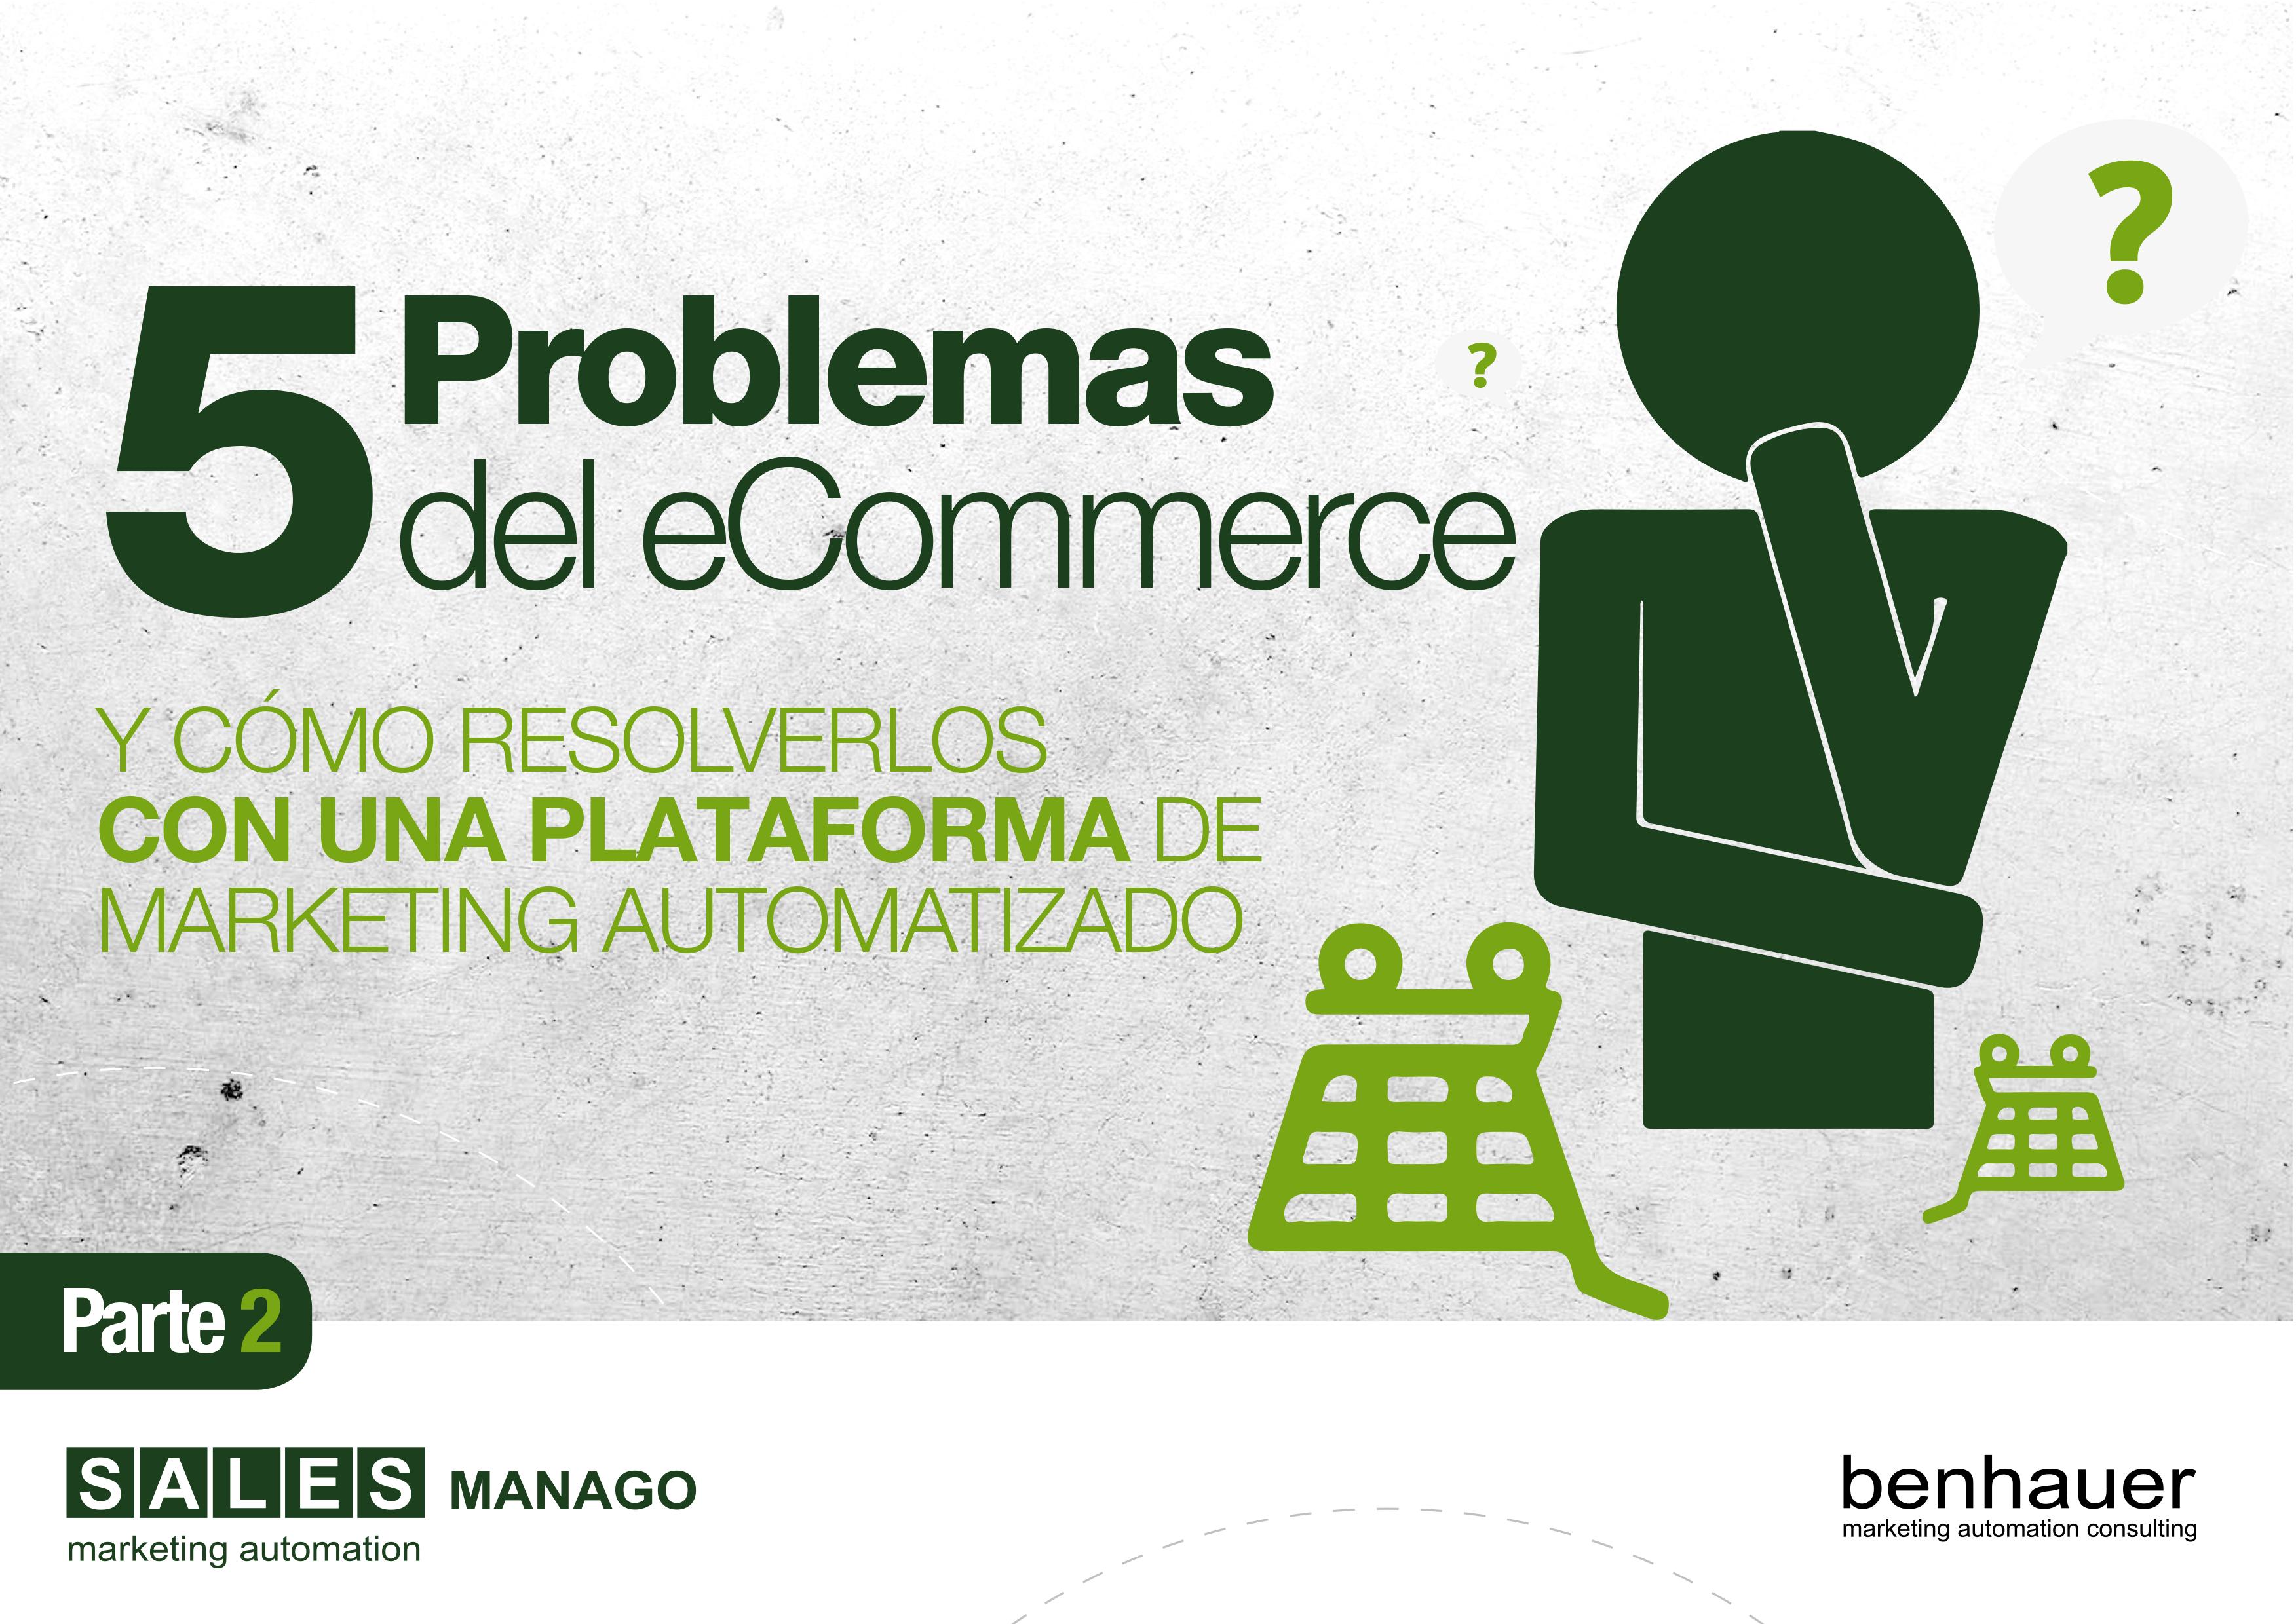 5 Problemas del eCommerce